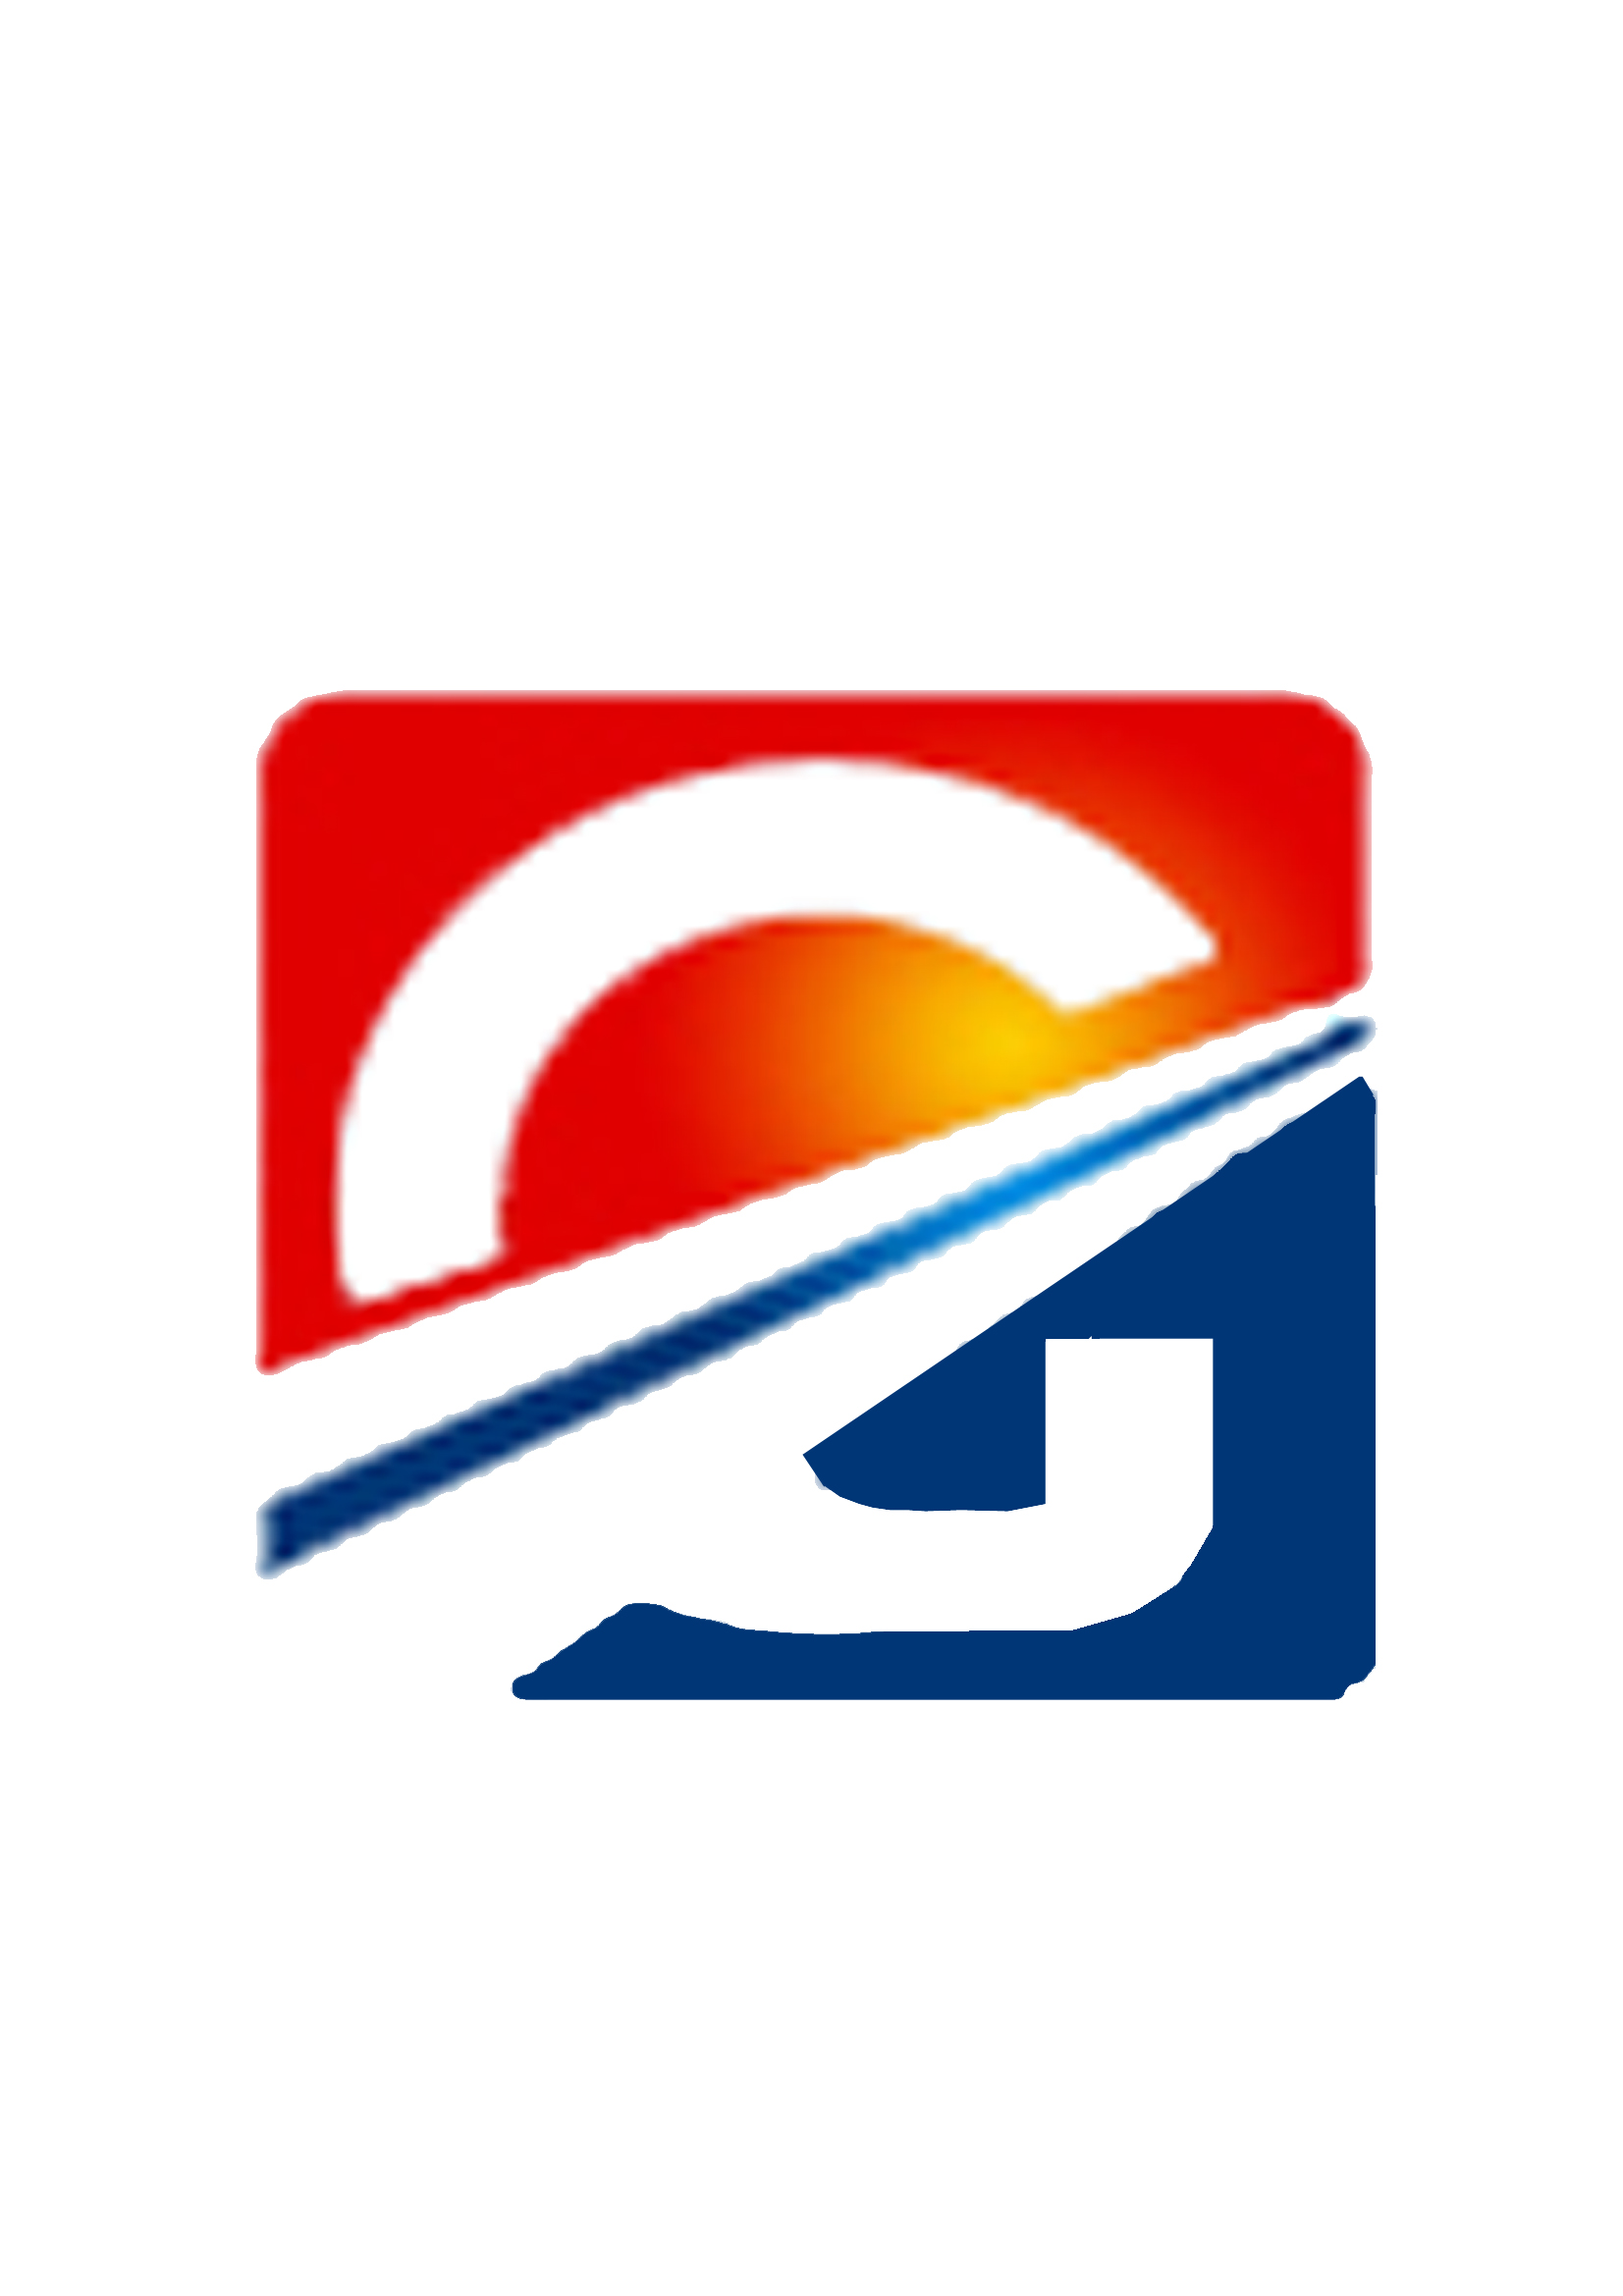 伊犁茭通公路勘察设计院(有限责任公司)最新招聘信息